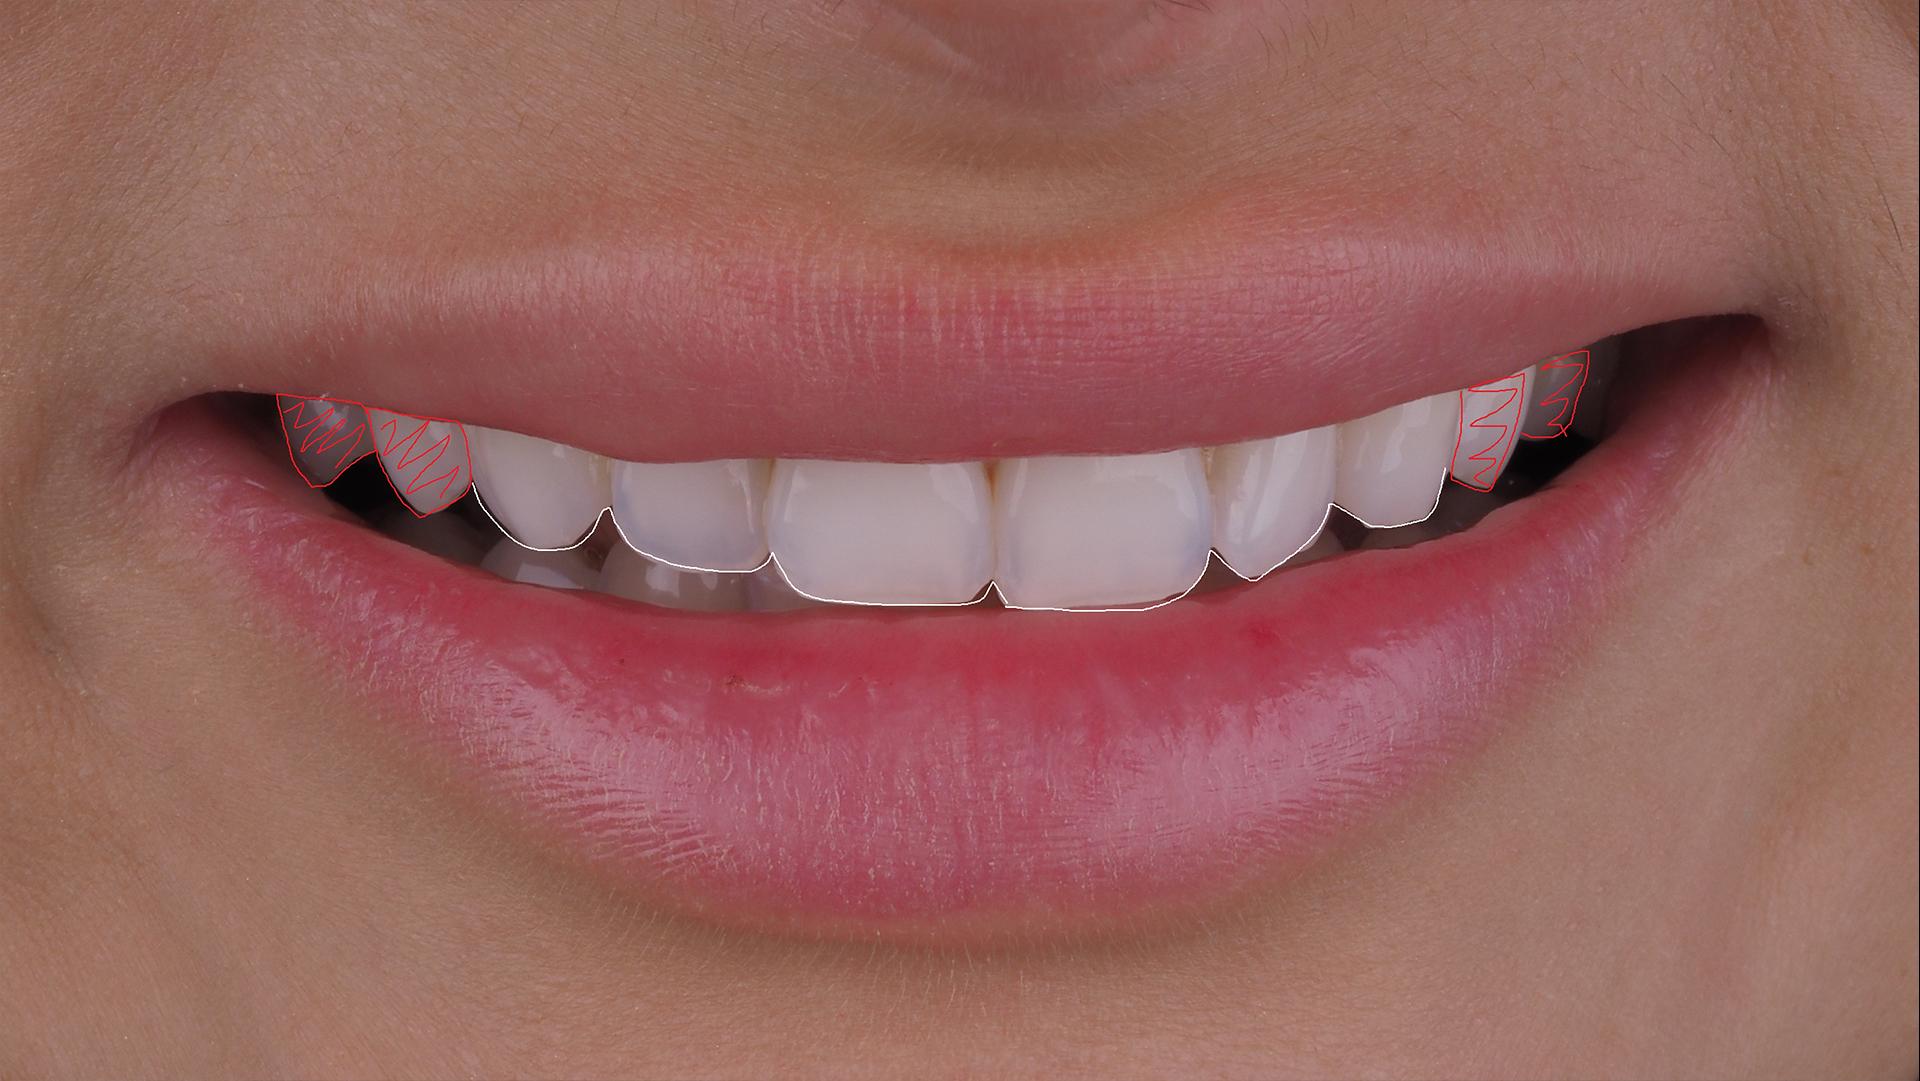 Белым цветом обозначены зубы, которые планируются покрываться винирами.